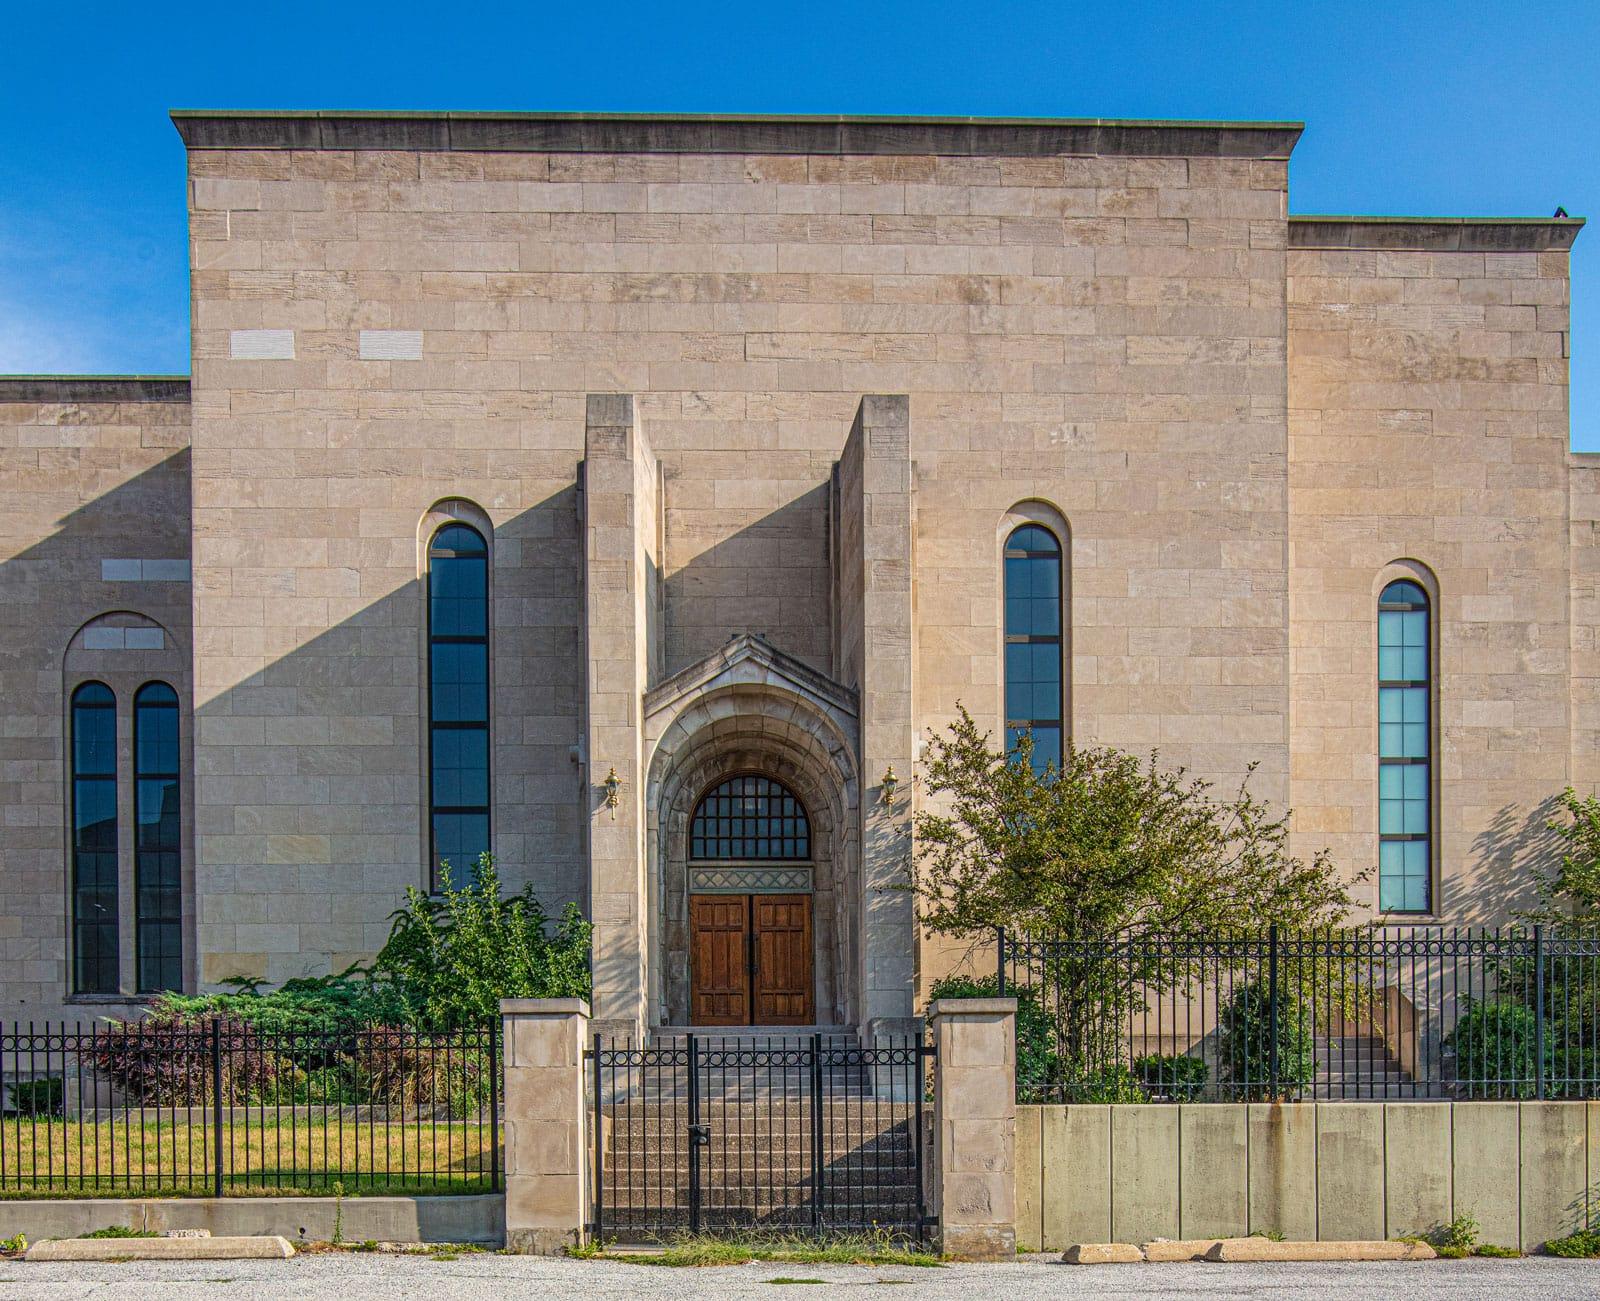 The facade of Chicago's Mosque Maryam